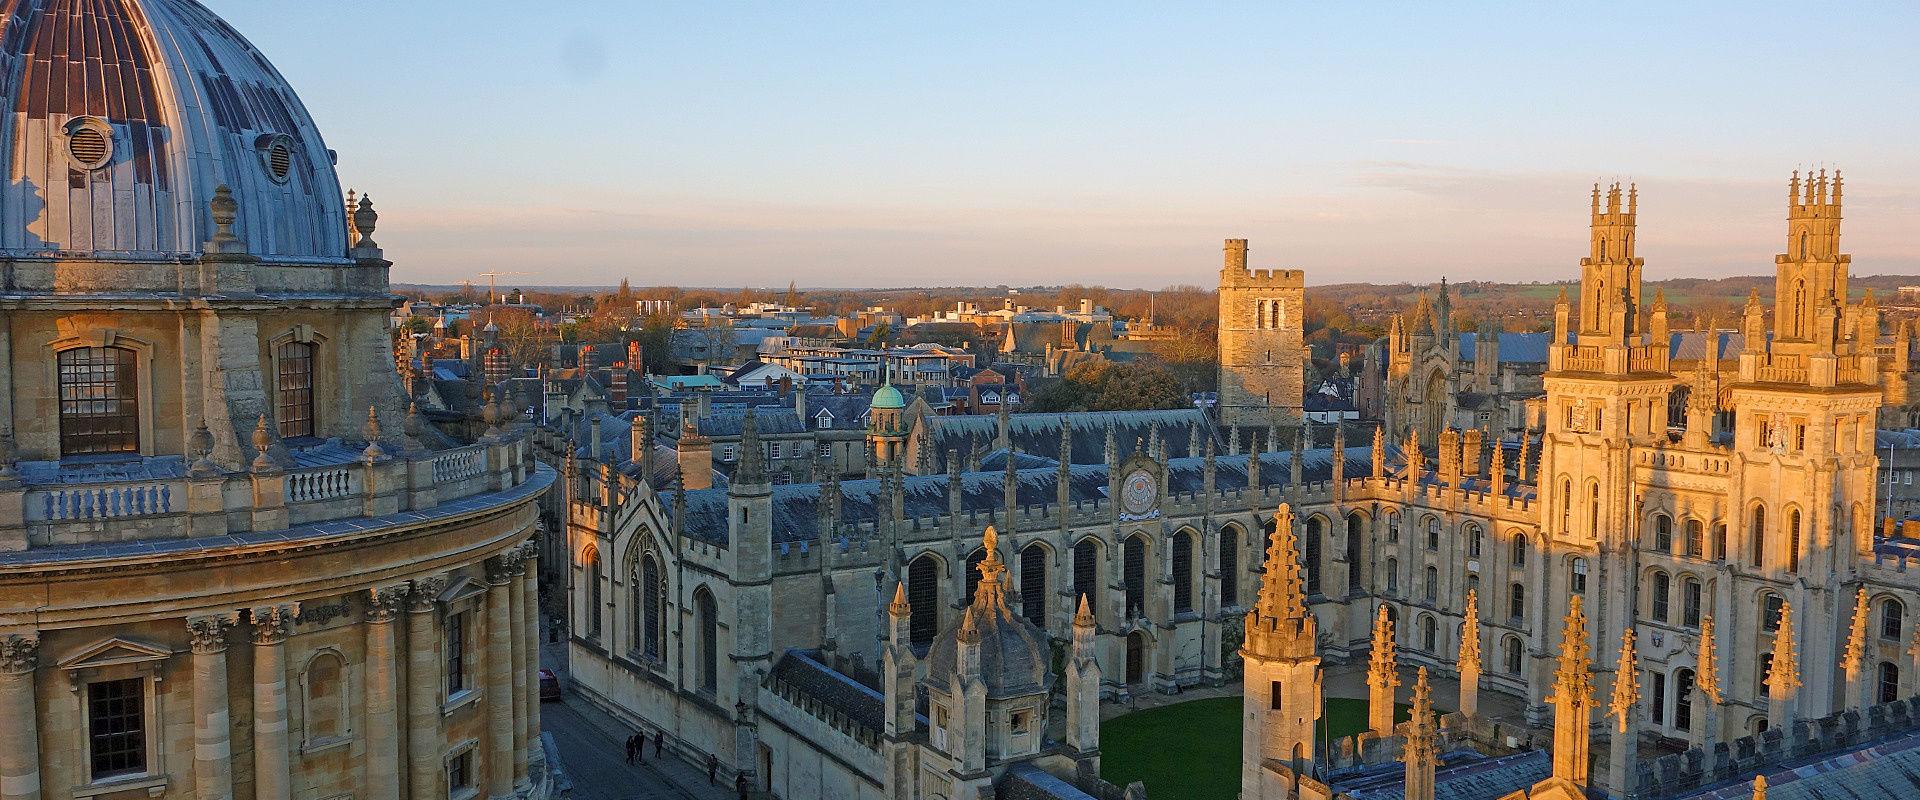 Scurtă istorie a  învățământului universitar european